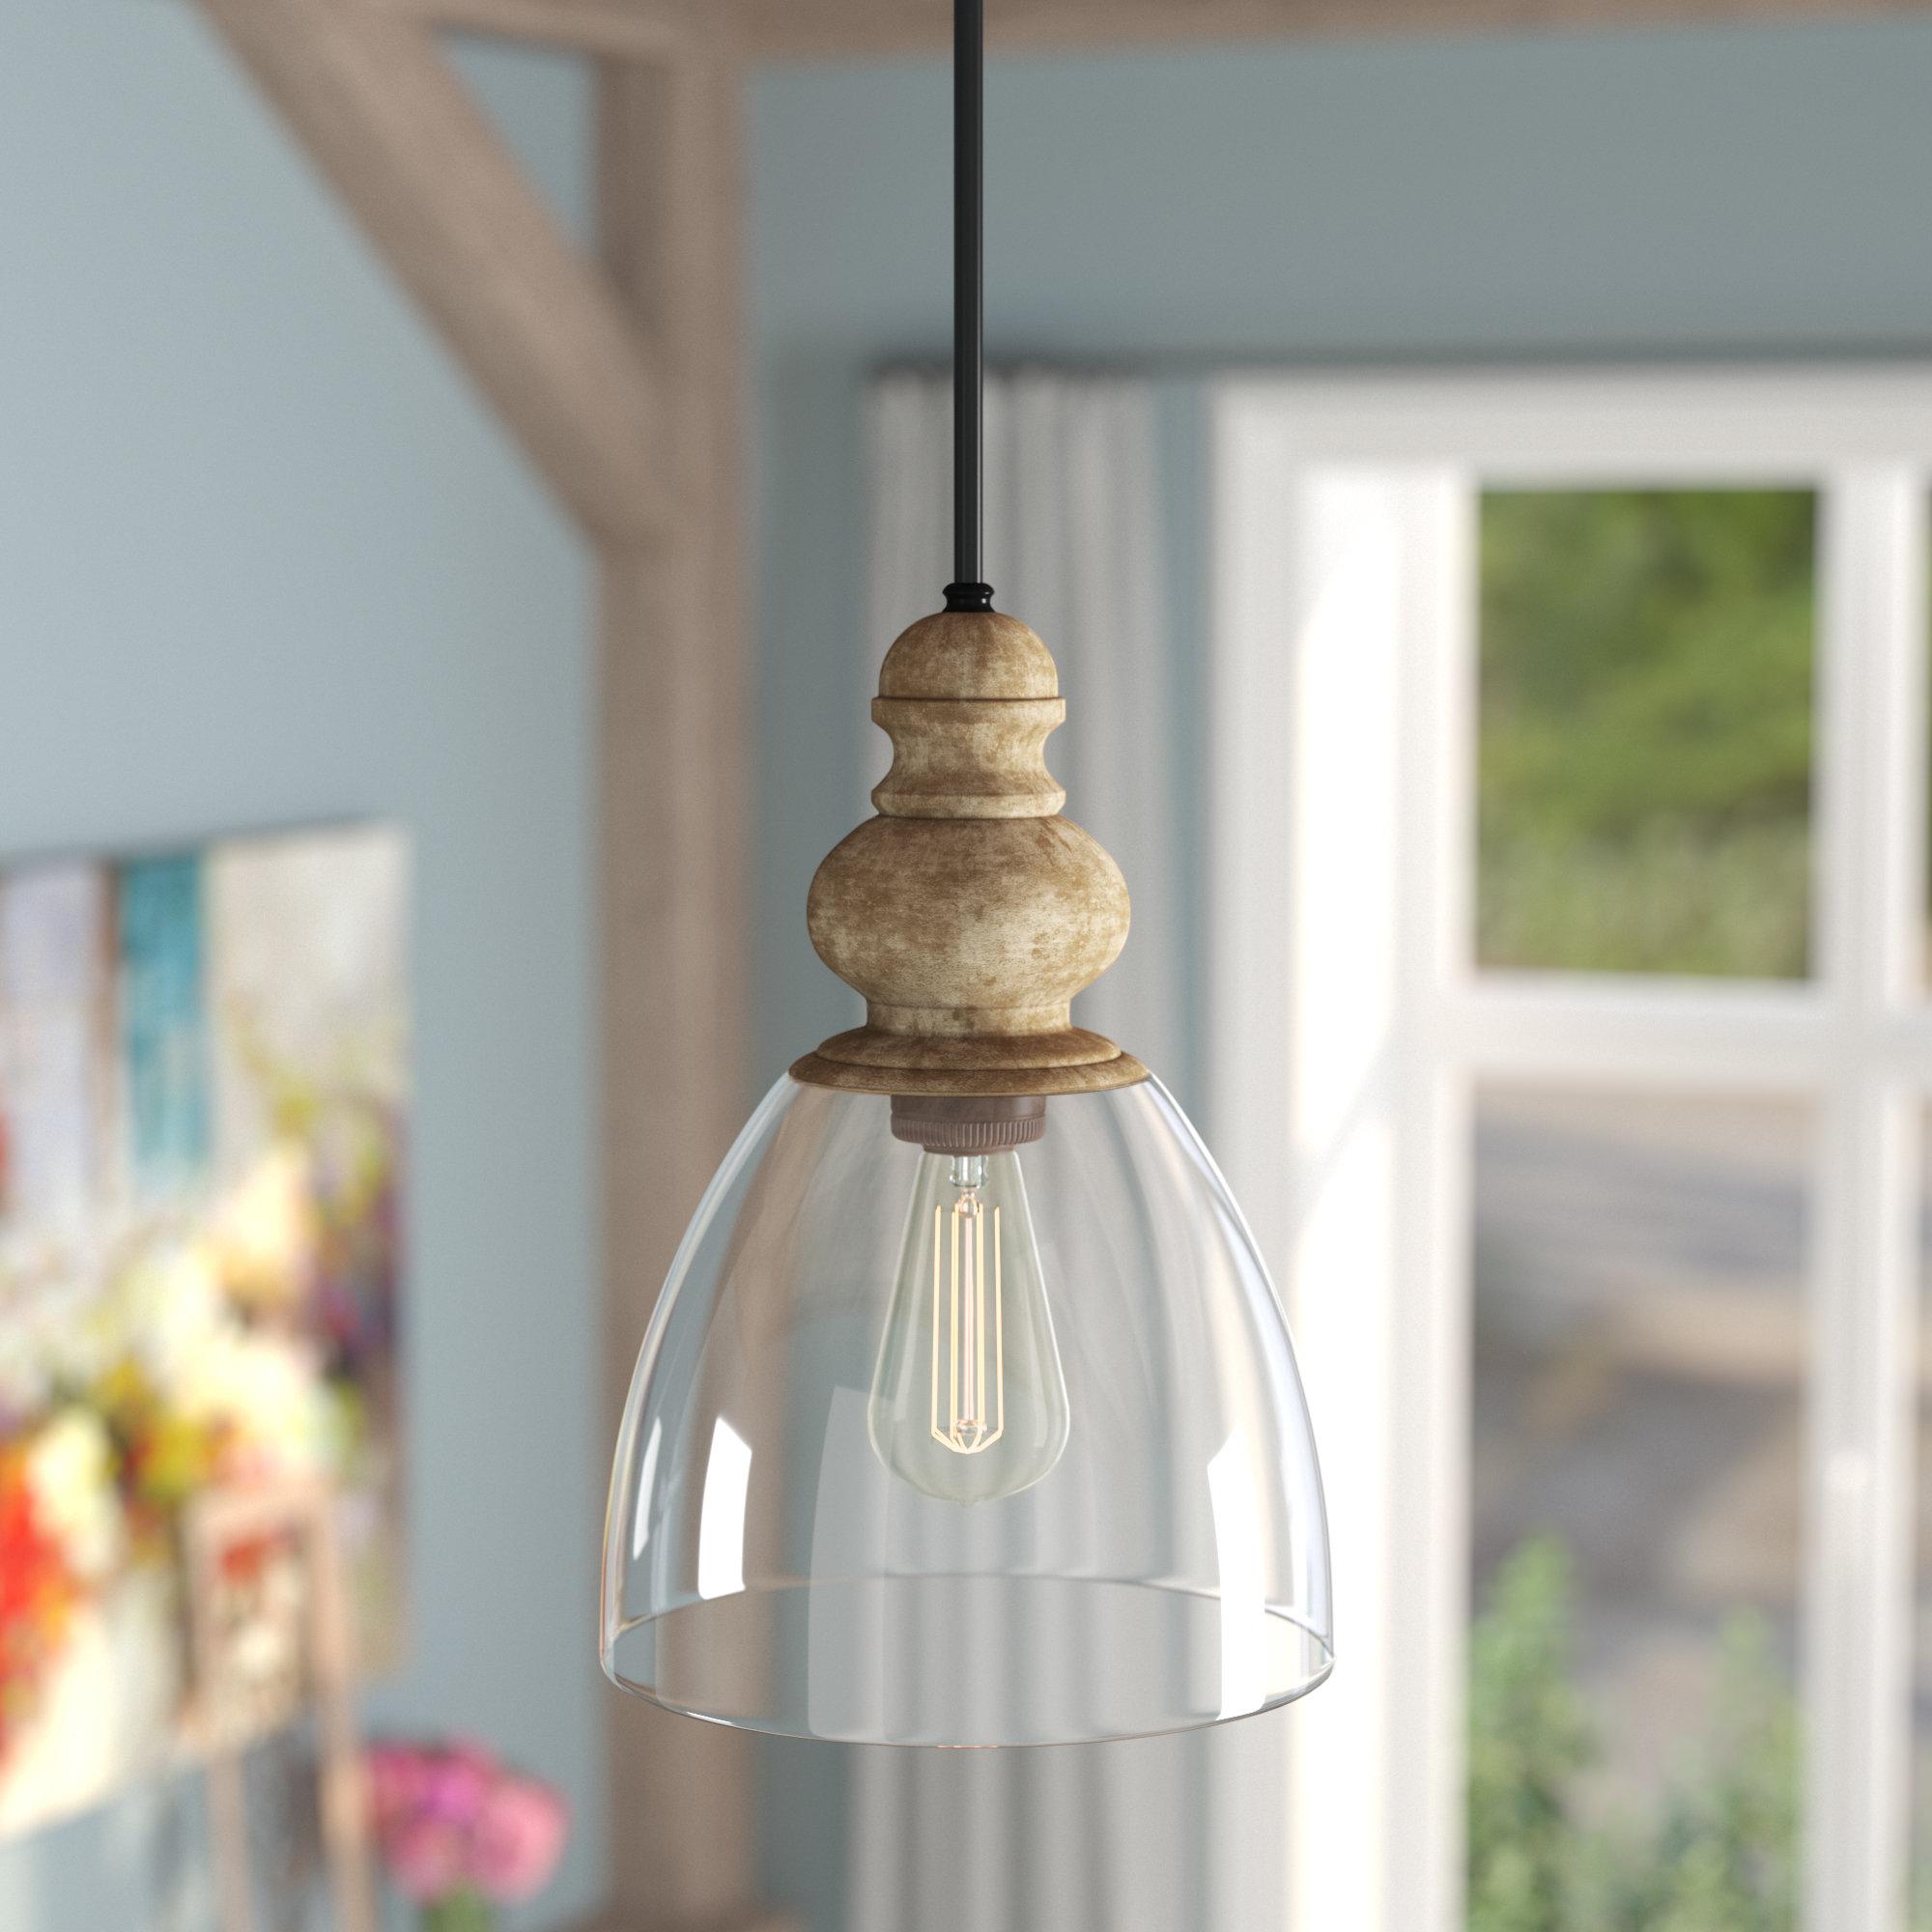 Lemelle 1 Light Single Bell Pendant Within Latest Goldie 1 Light Single Bell Pendants (View 7 of 25)